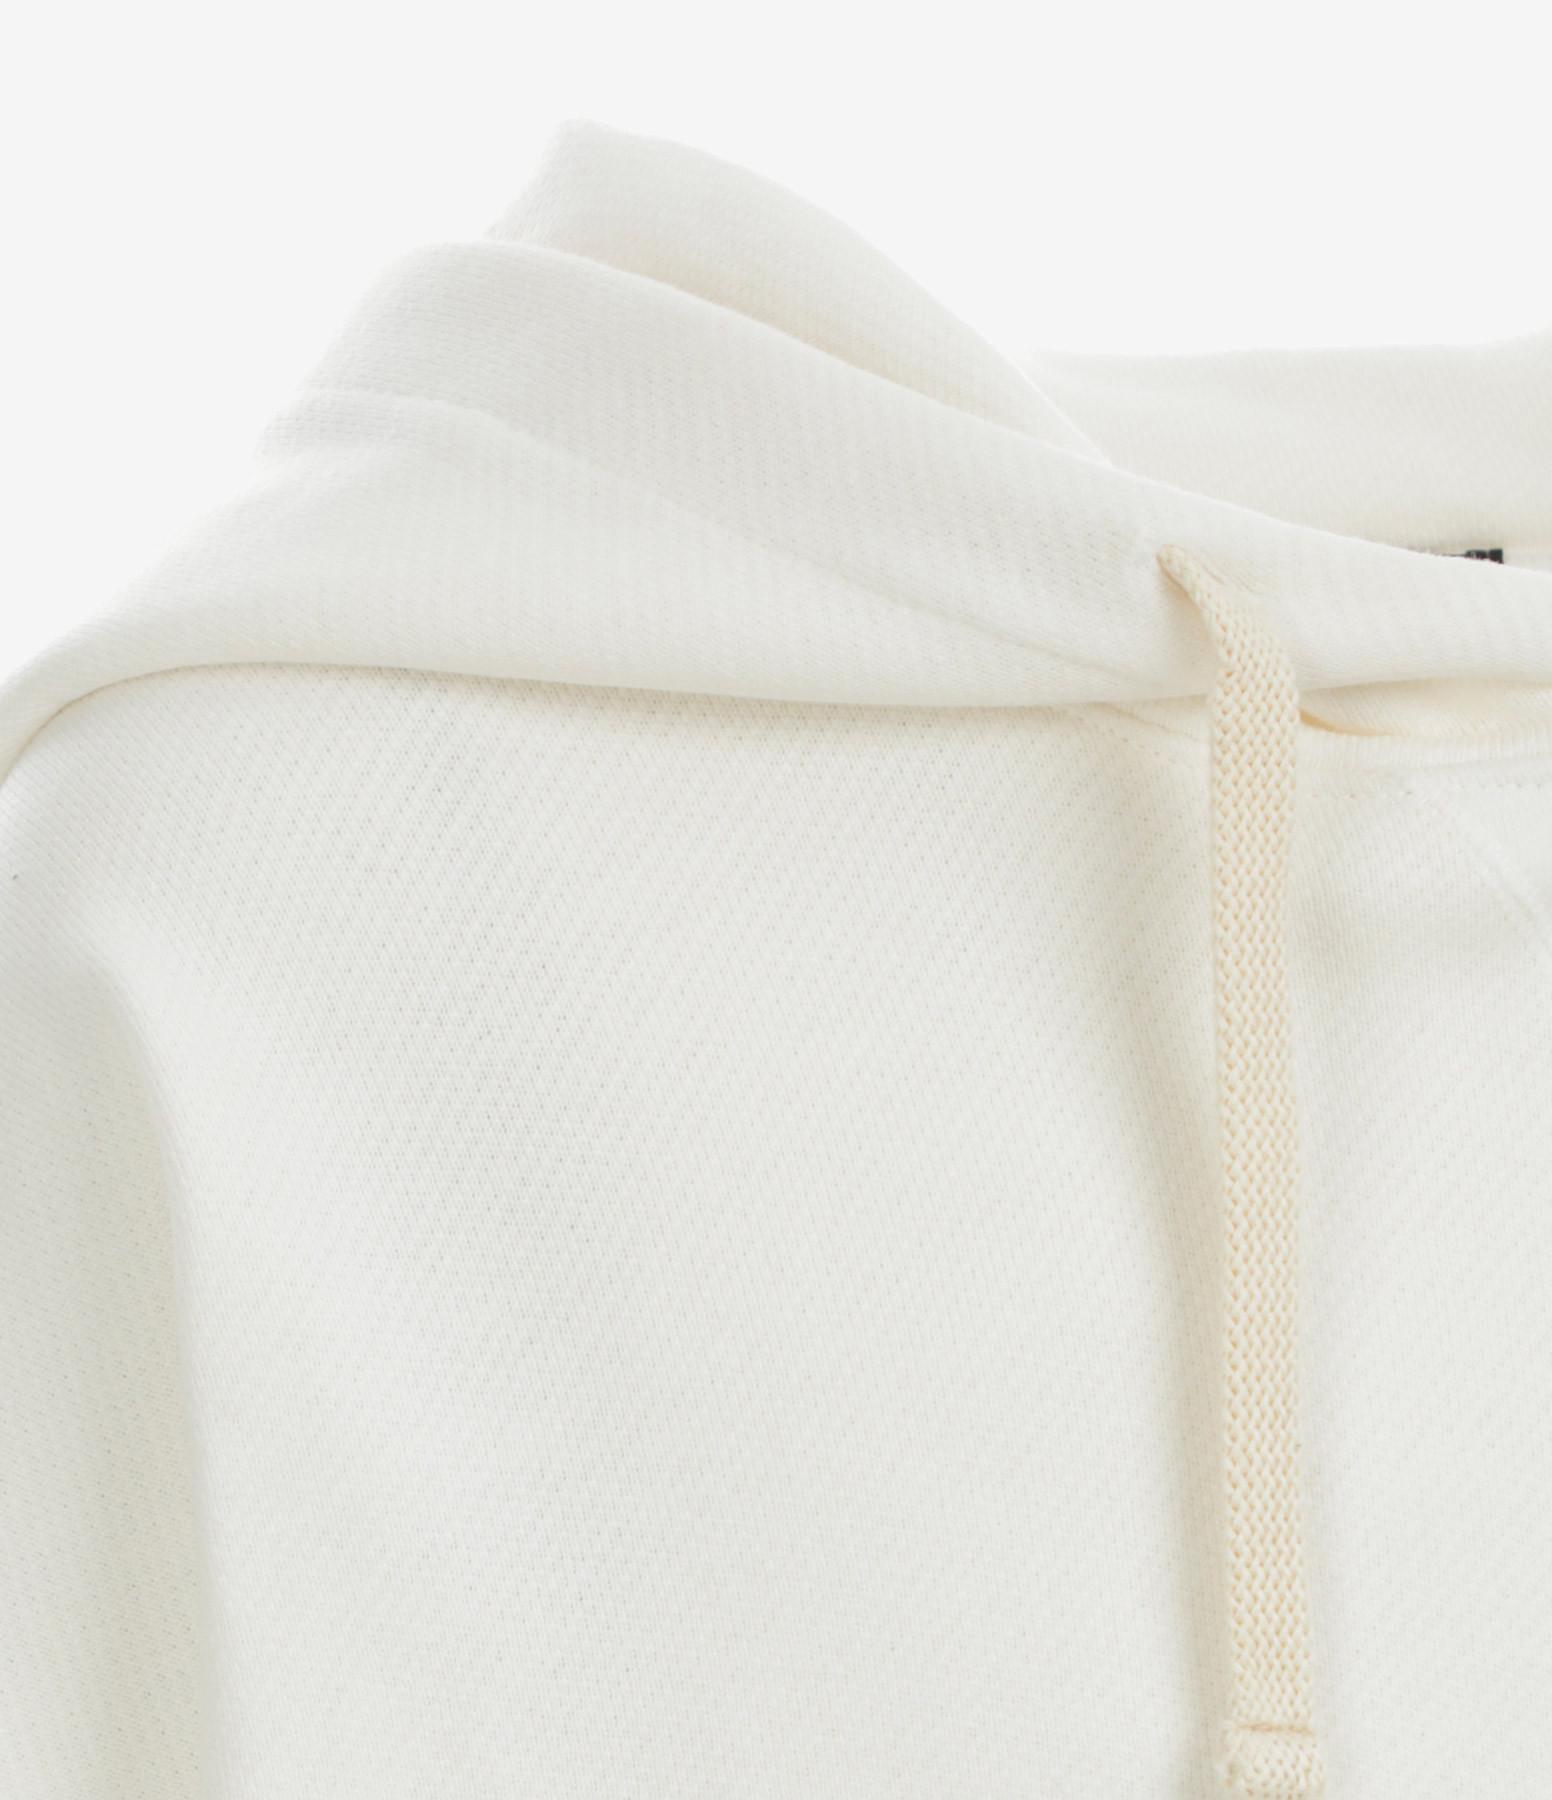 MADE IN TOMBOY - Sweatshirt Tessa Beige